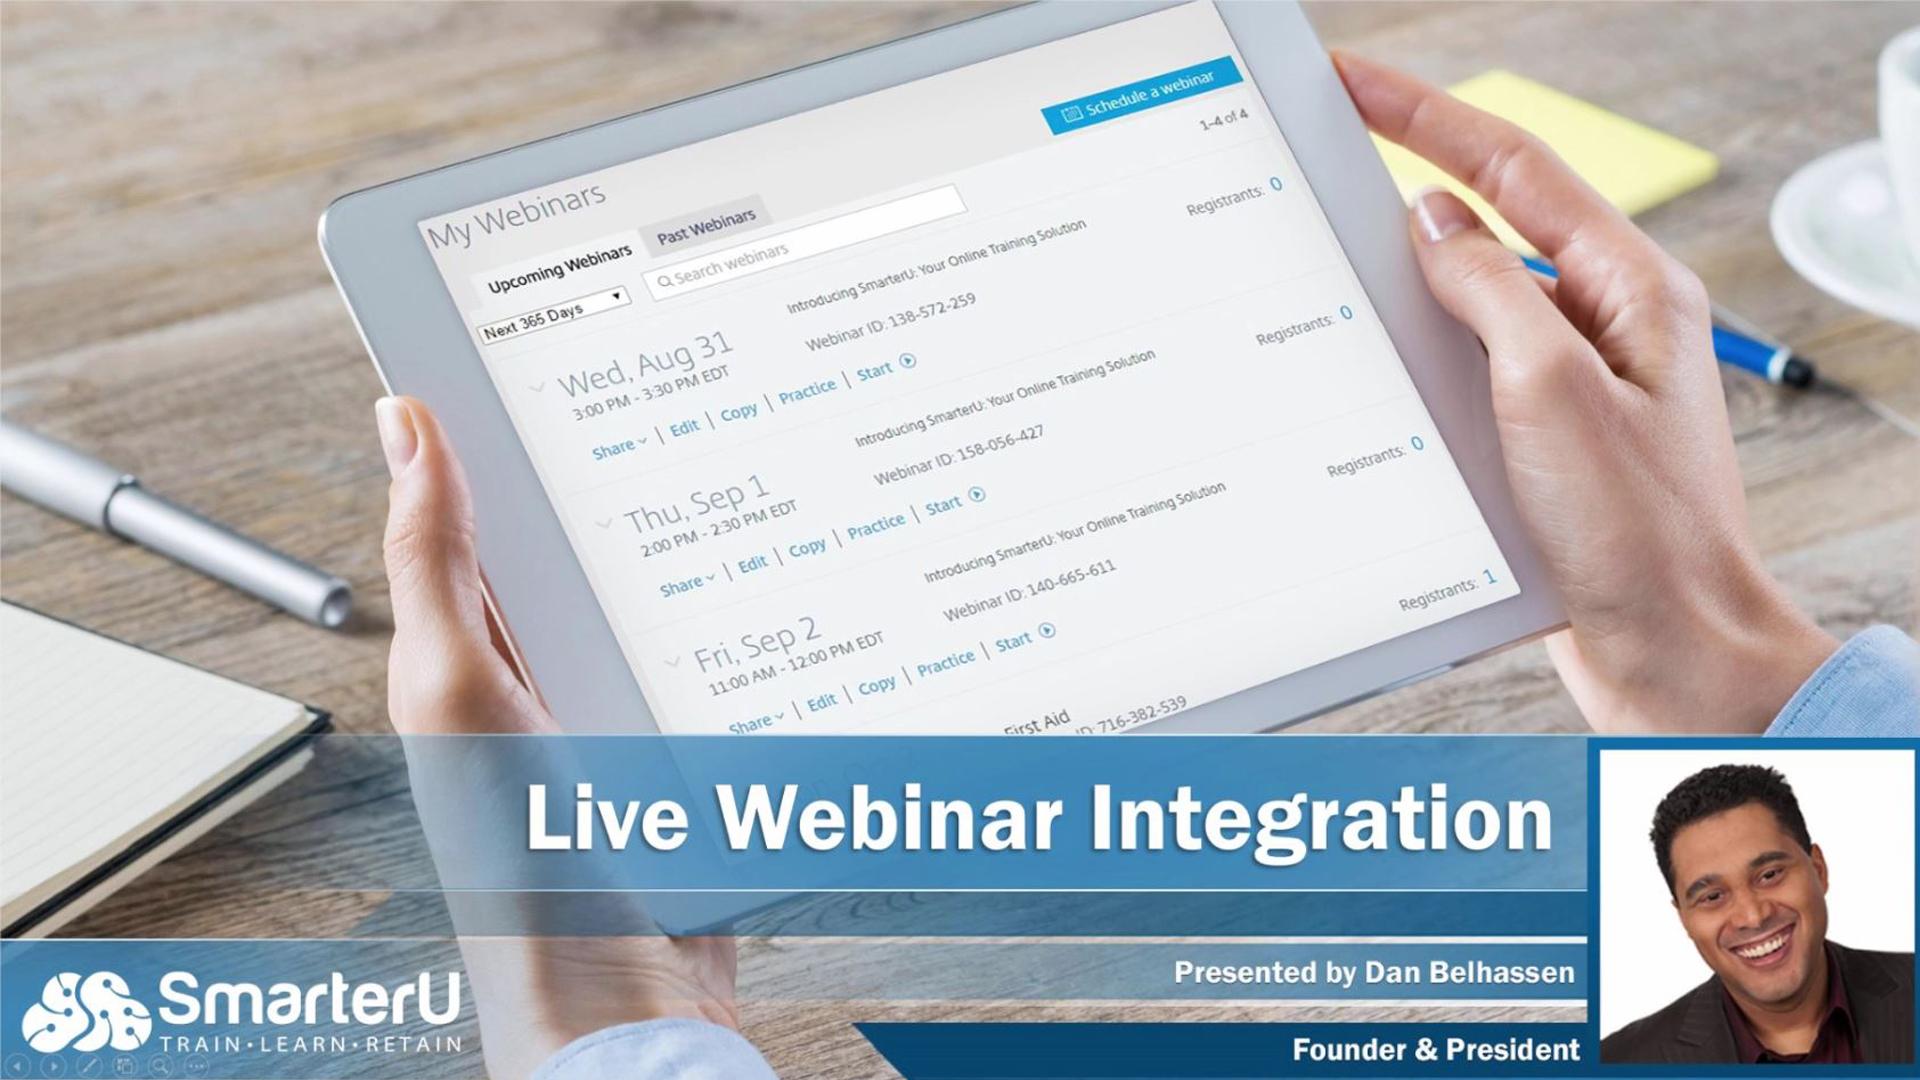 SmarterU LMS Live Webinar Integration - SmarterU LMS - Learning Management System